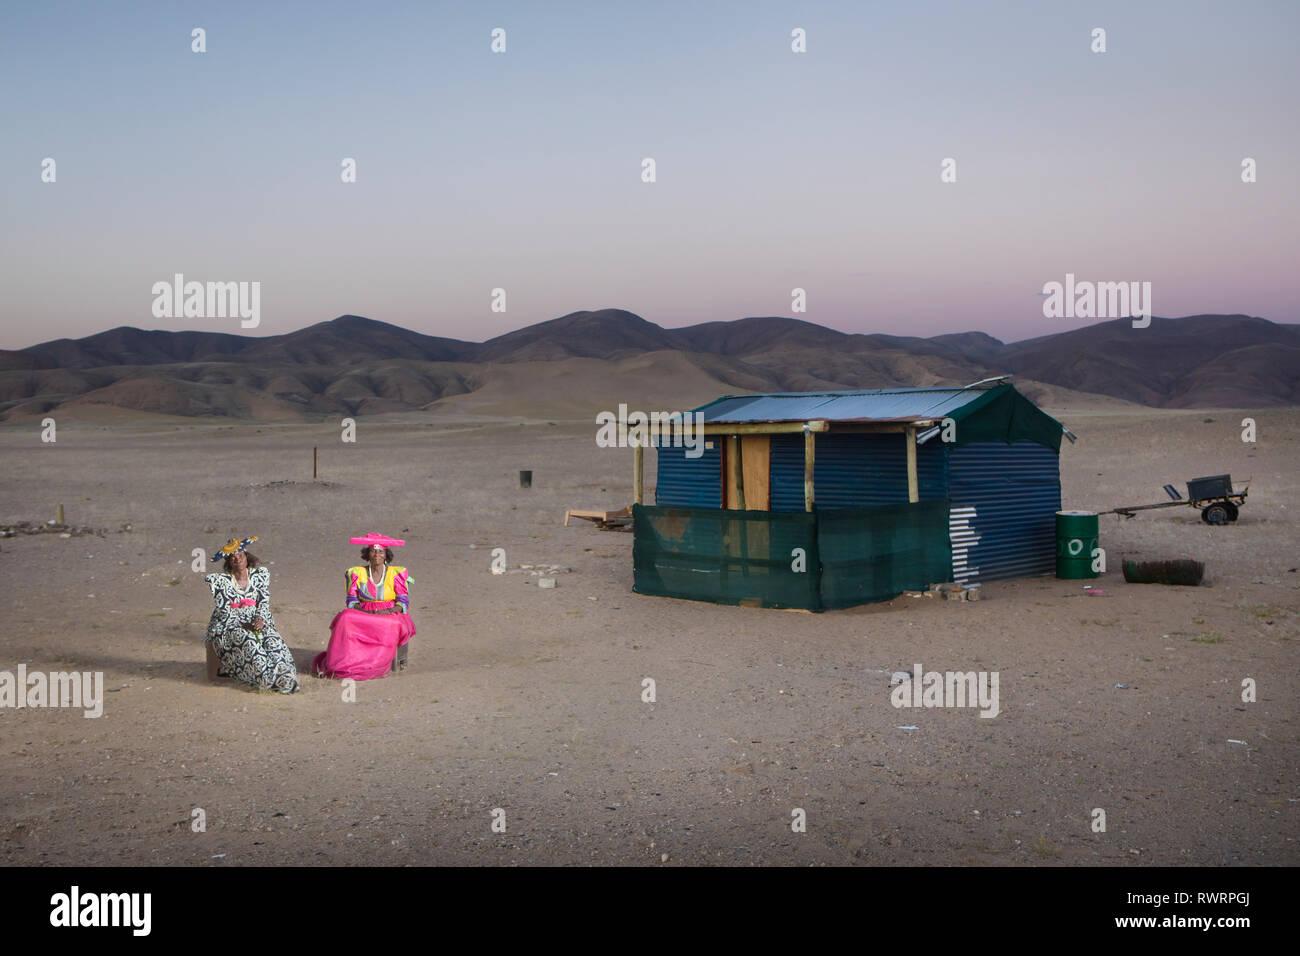 Les femmes Herero s'asseoir à l'extérieur d'une maison dans la région de Kunene, Purros, la Namibie. Banque D'Images